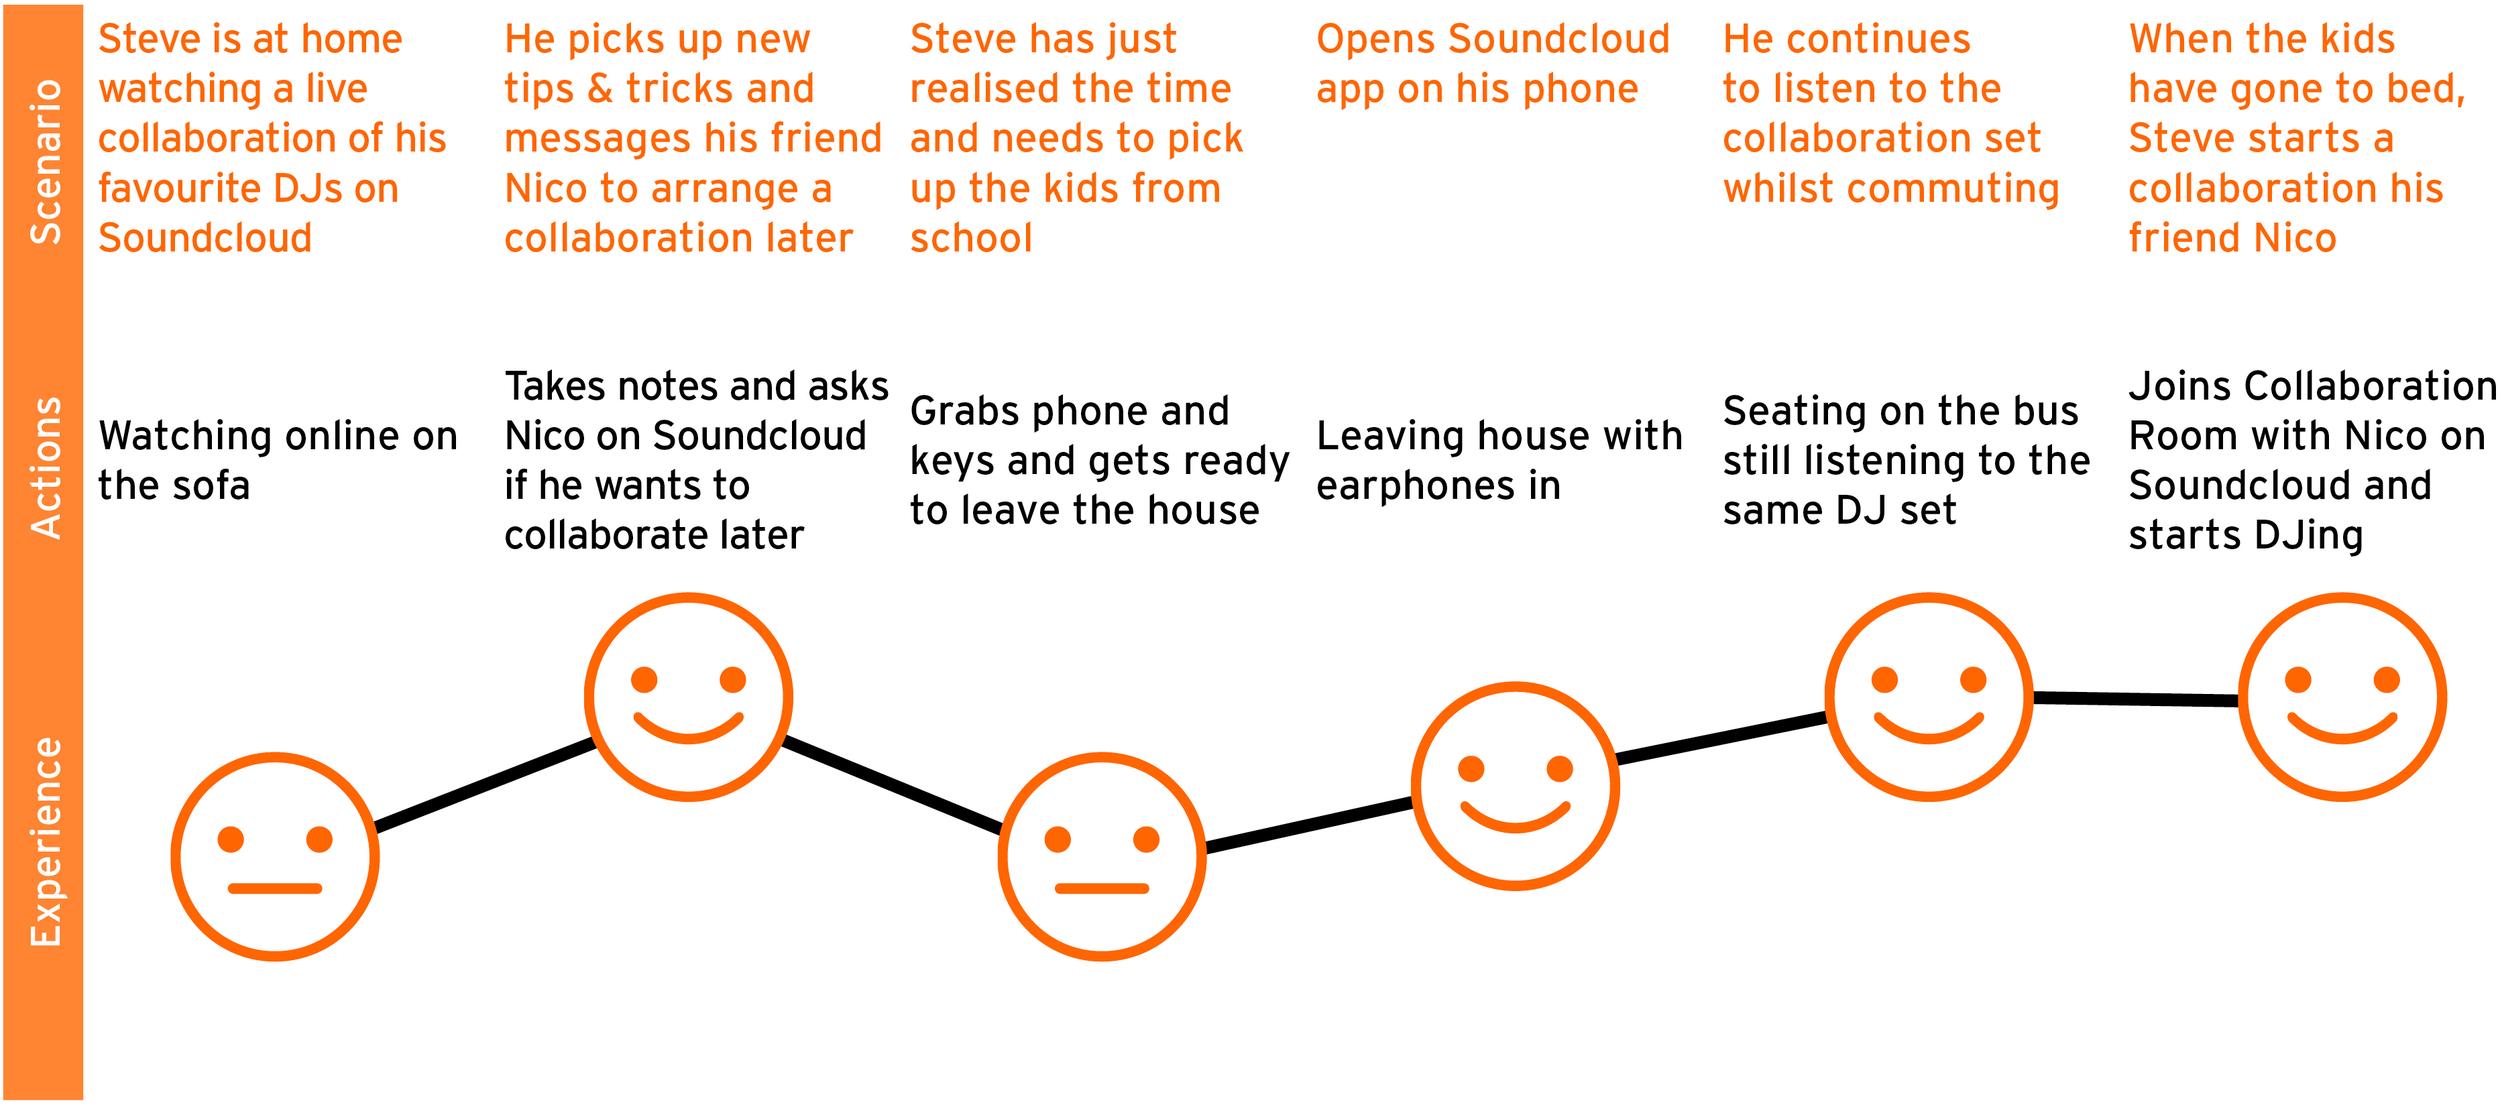 Steve's new journey